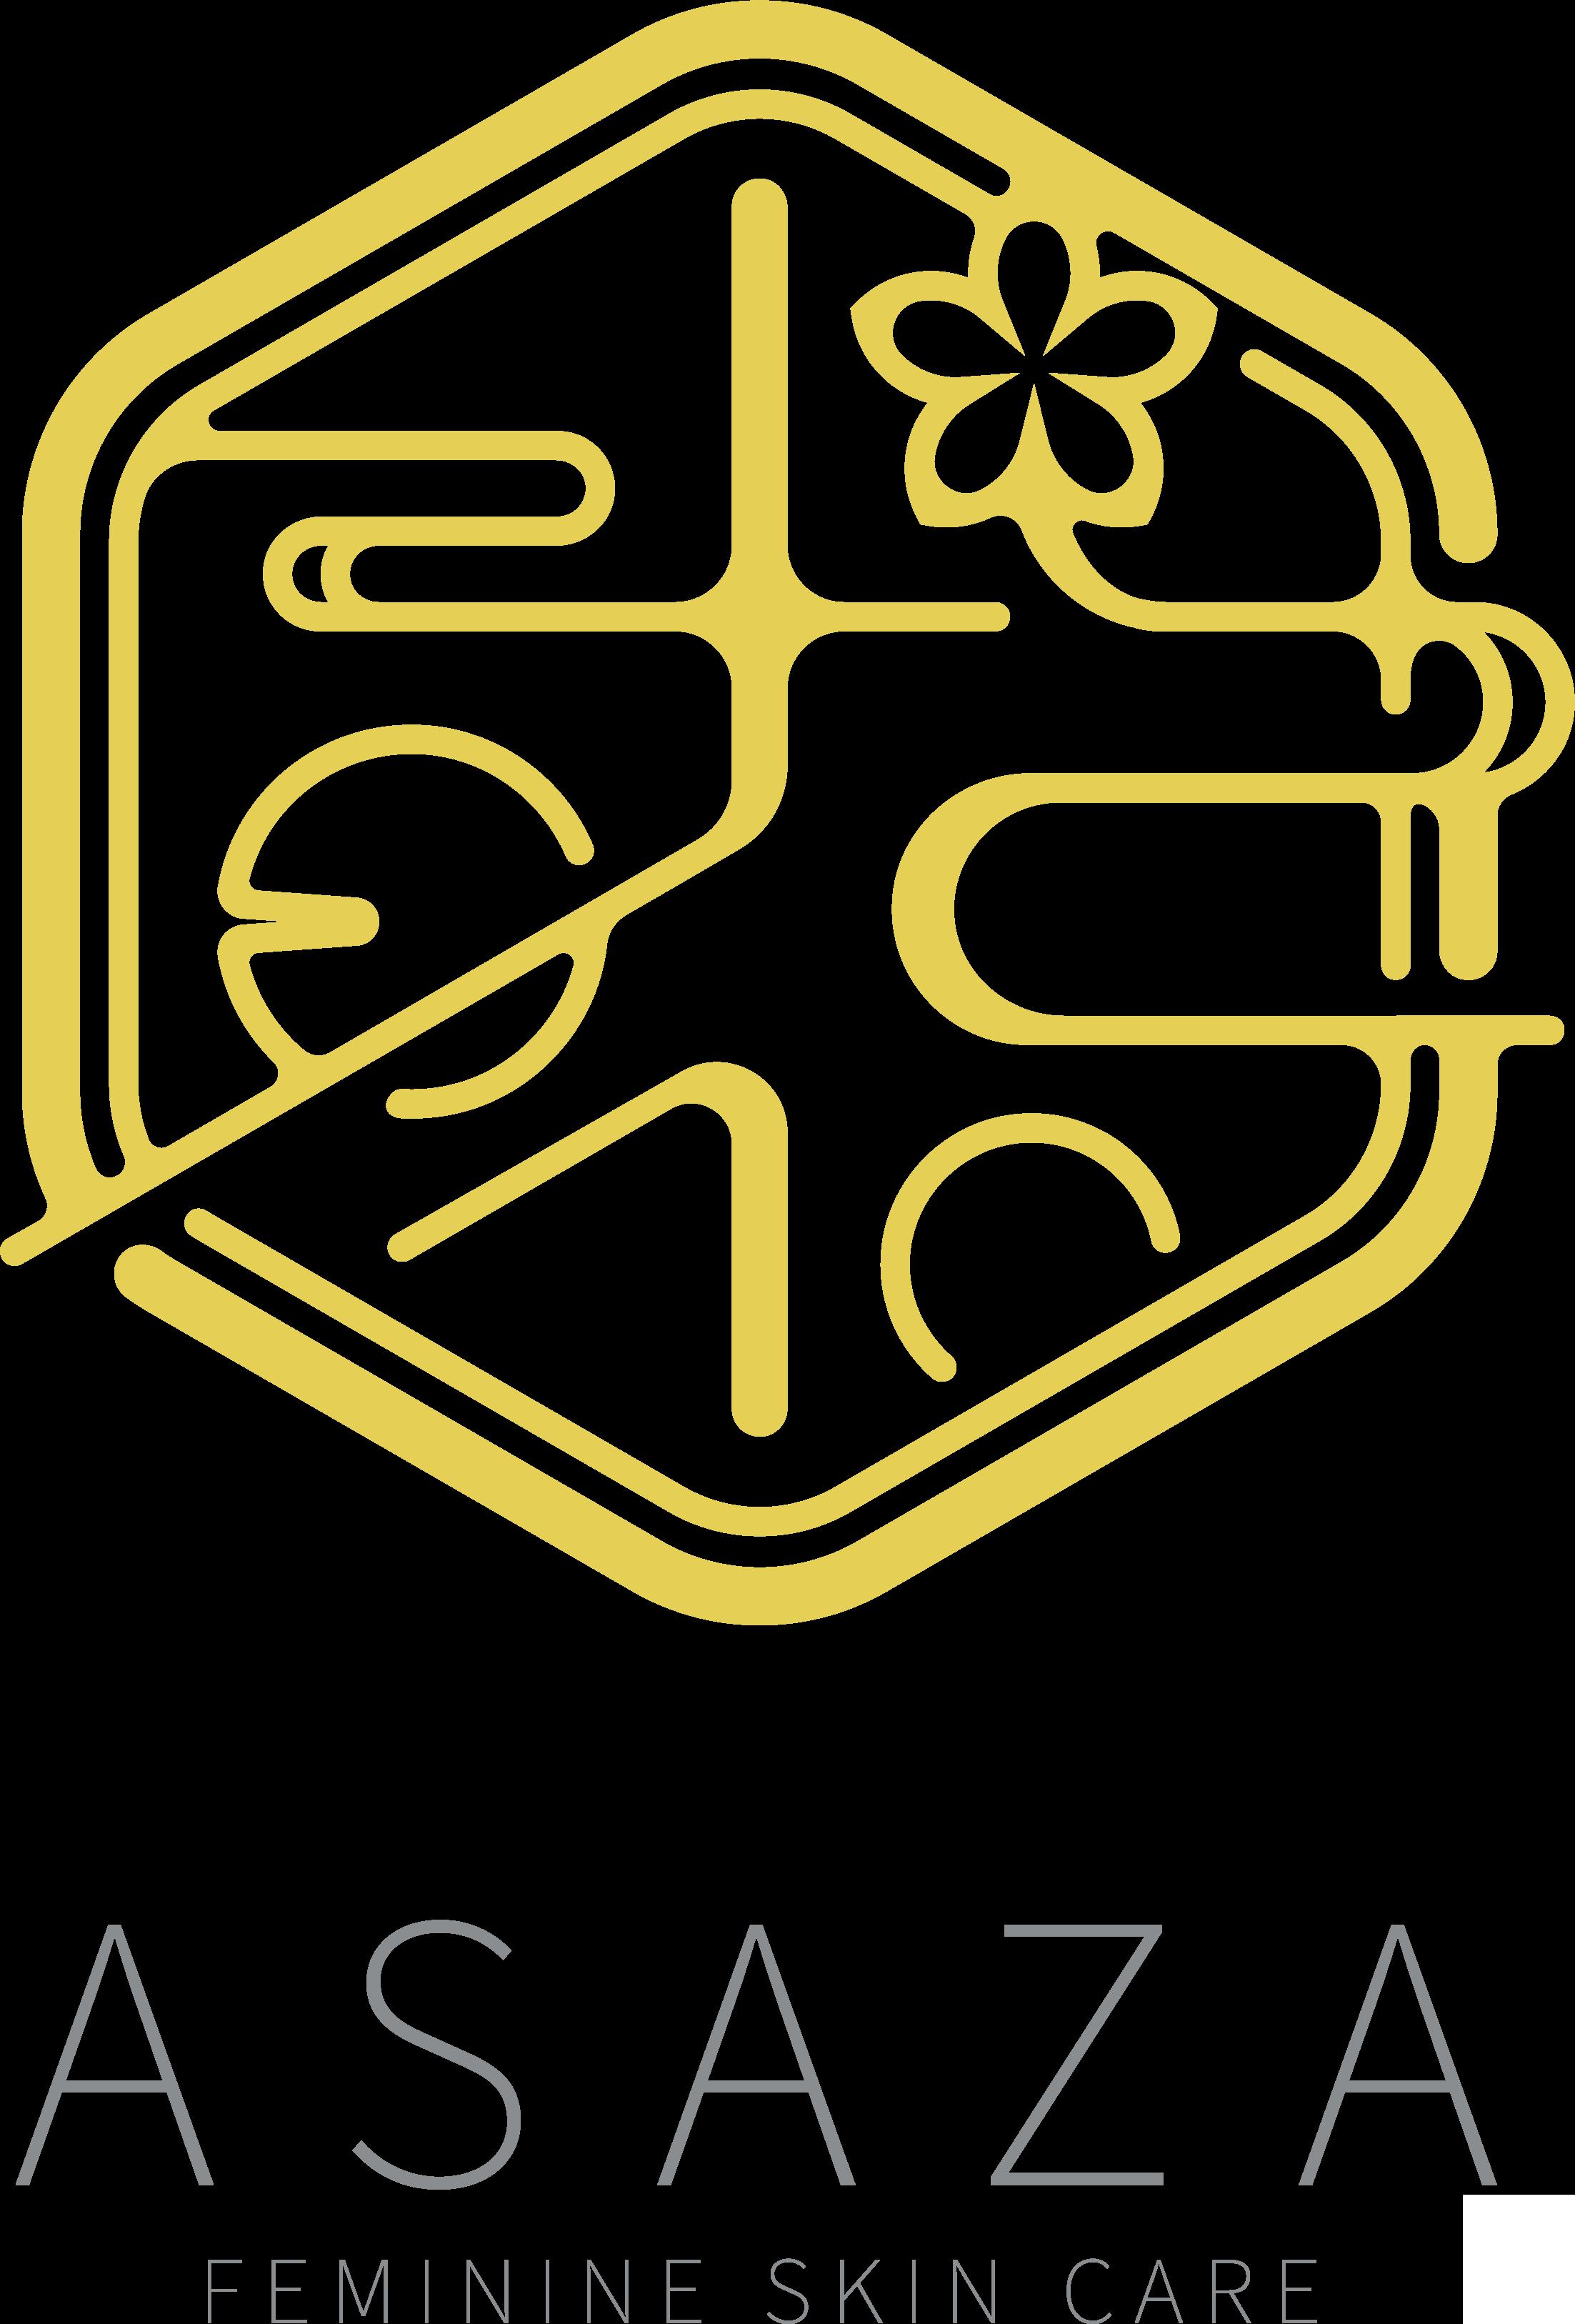 太姒生物(苏州)科技有限公司网站正在建设中